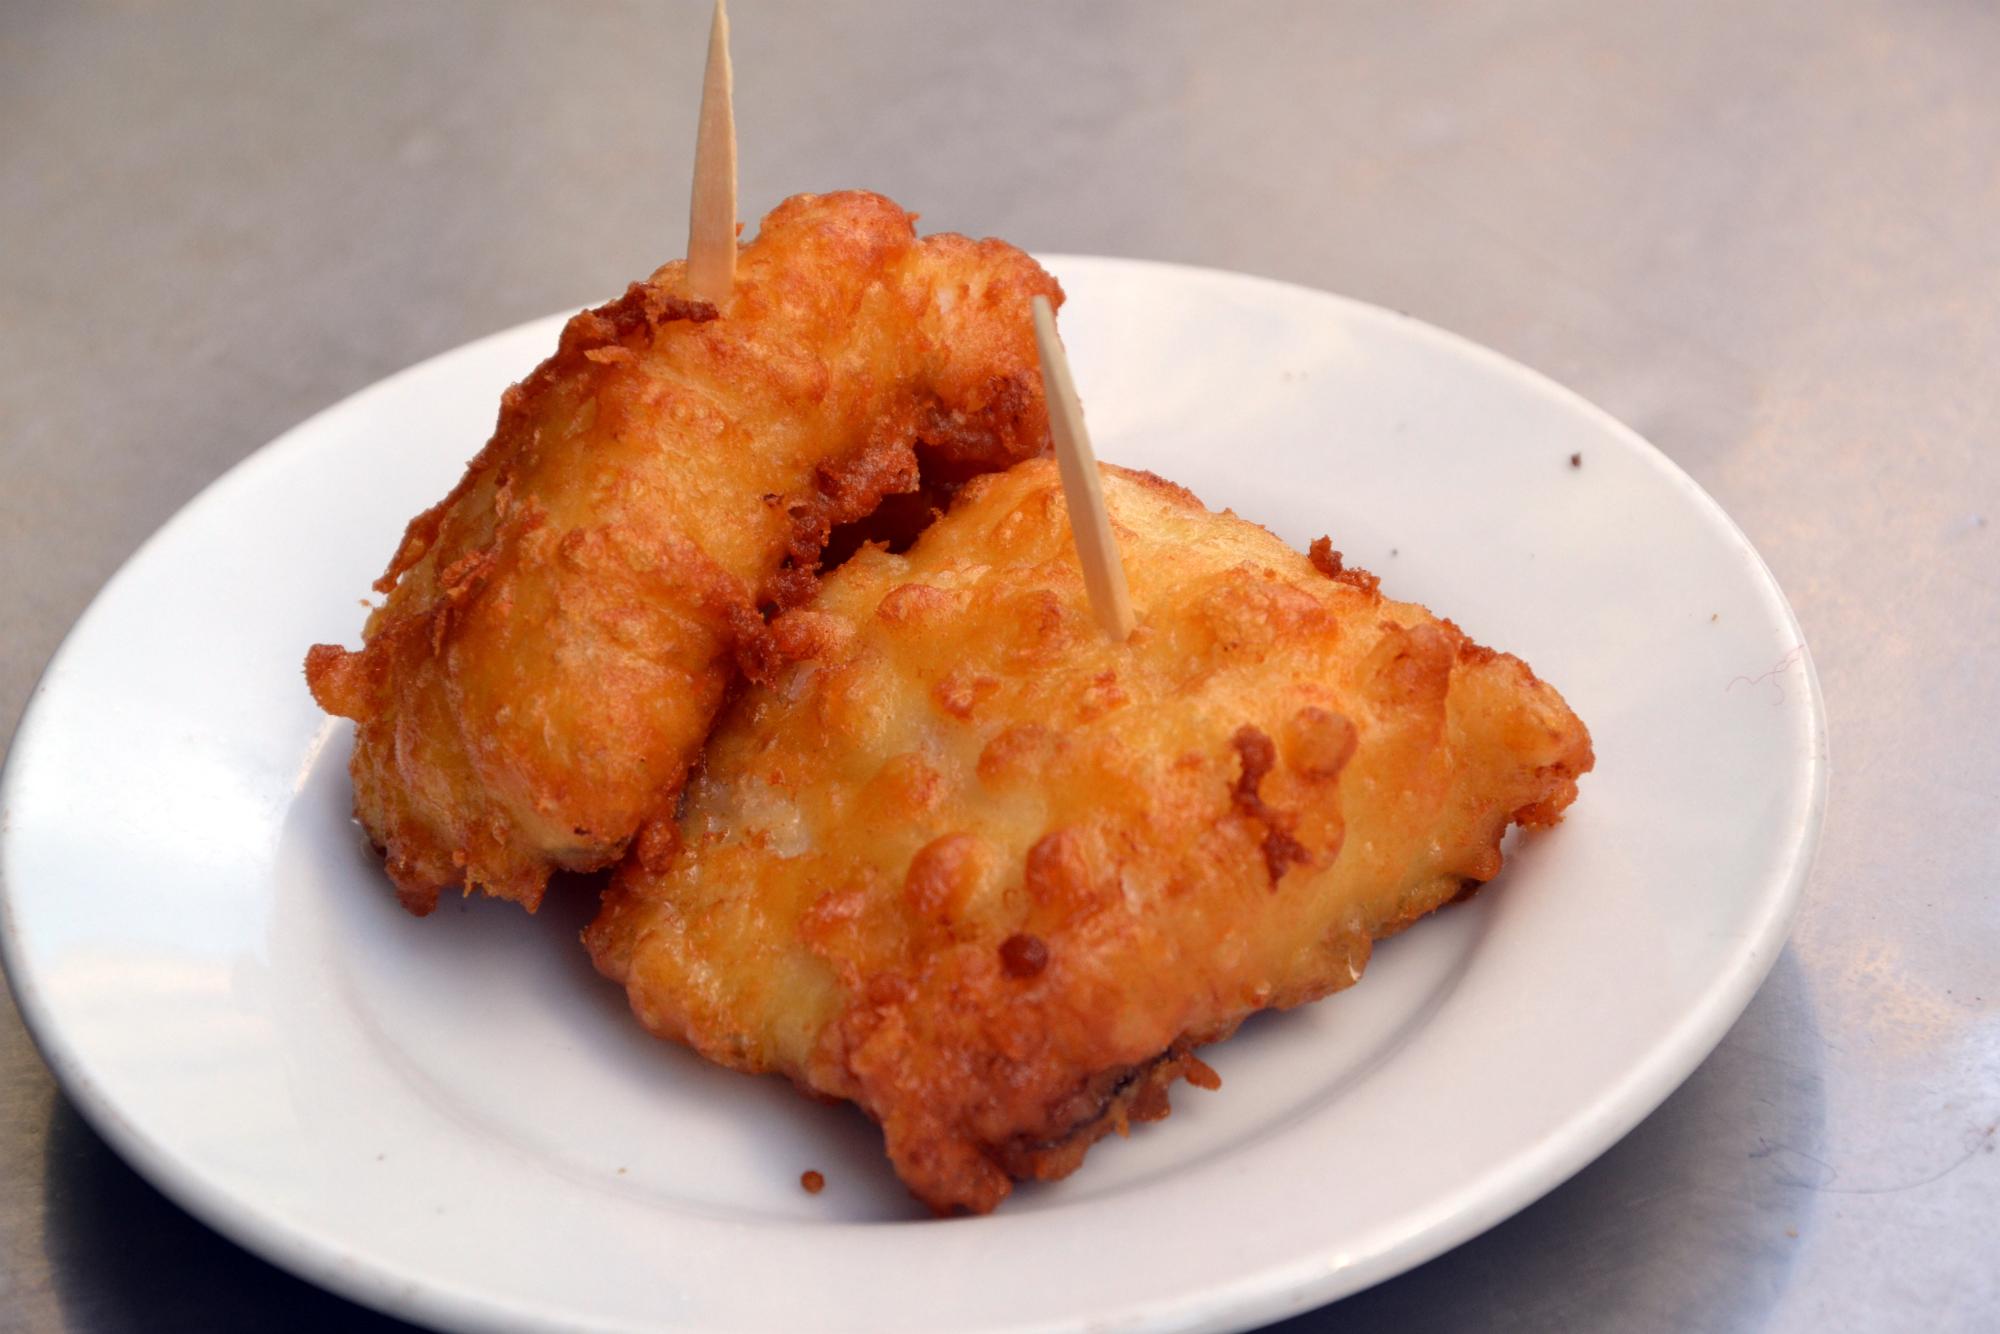 Bacalao Frito es una de las especialidades gastronómicas de Madrid que podrás probar en este recorrido de tapas